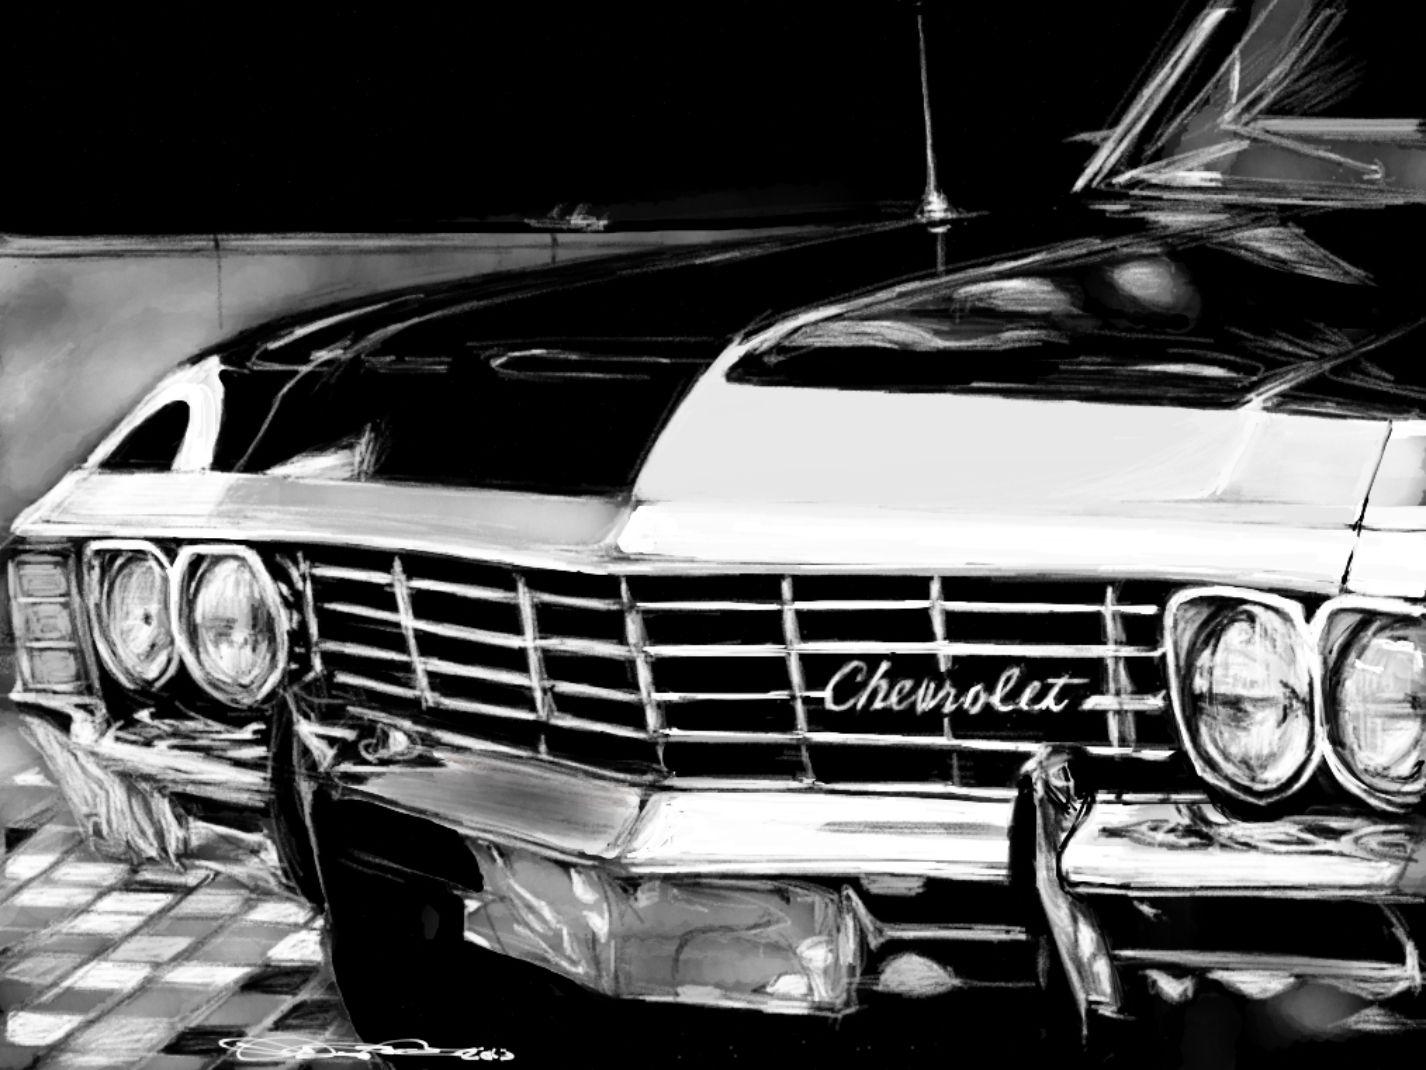 Chevrolet Impala Noir De 1967 Dean Mon Bebe Supernatural Impala Supernatural Supernatural Wallpaper